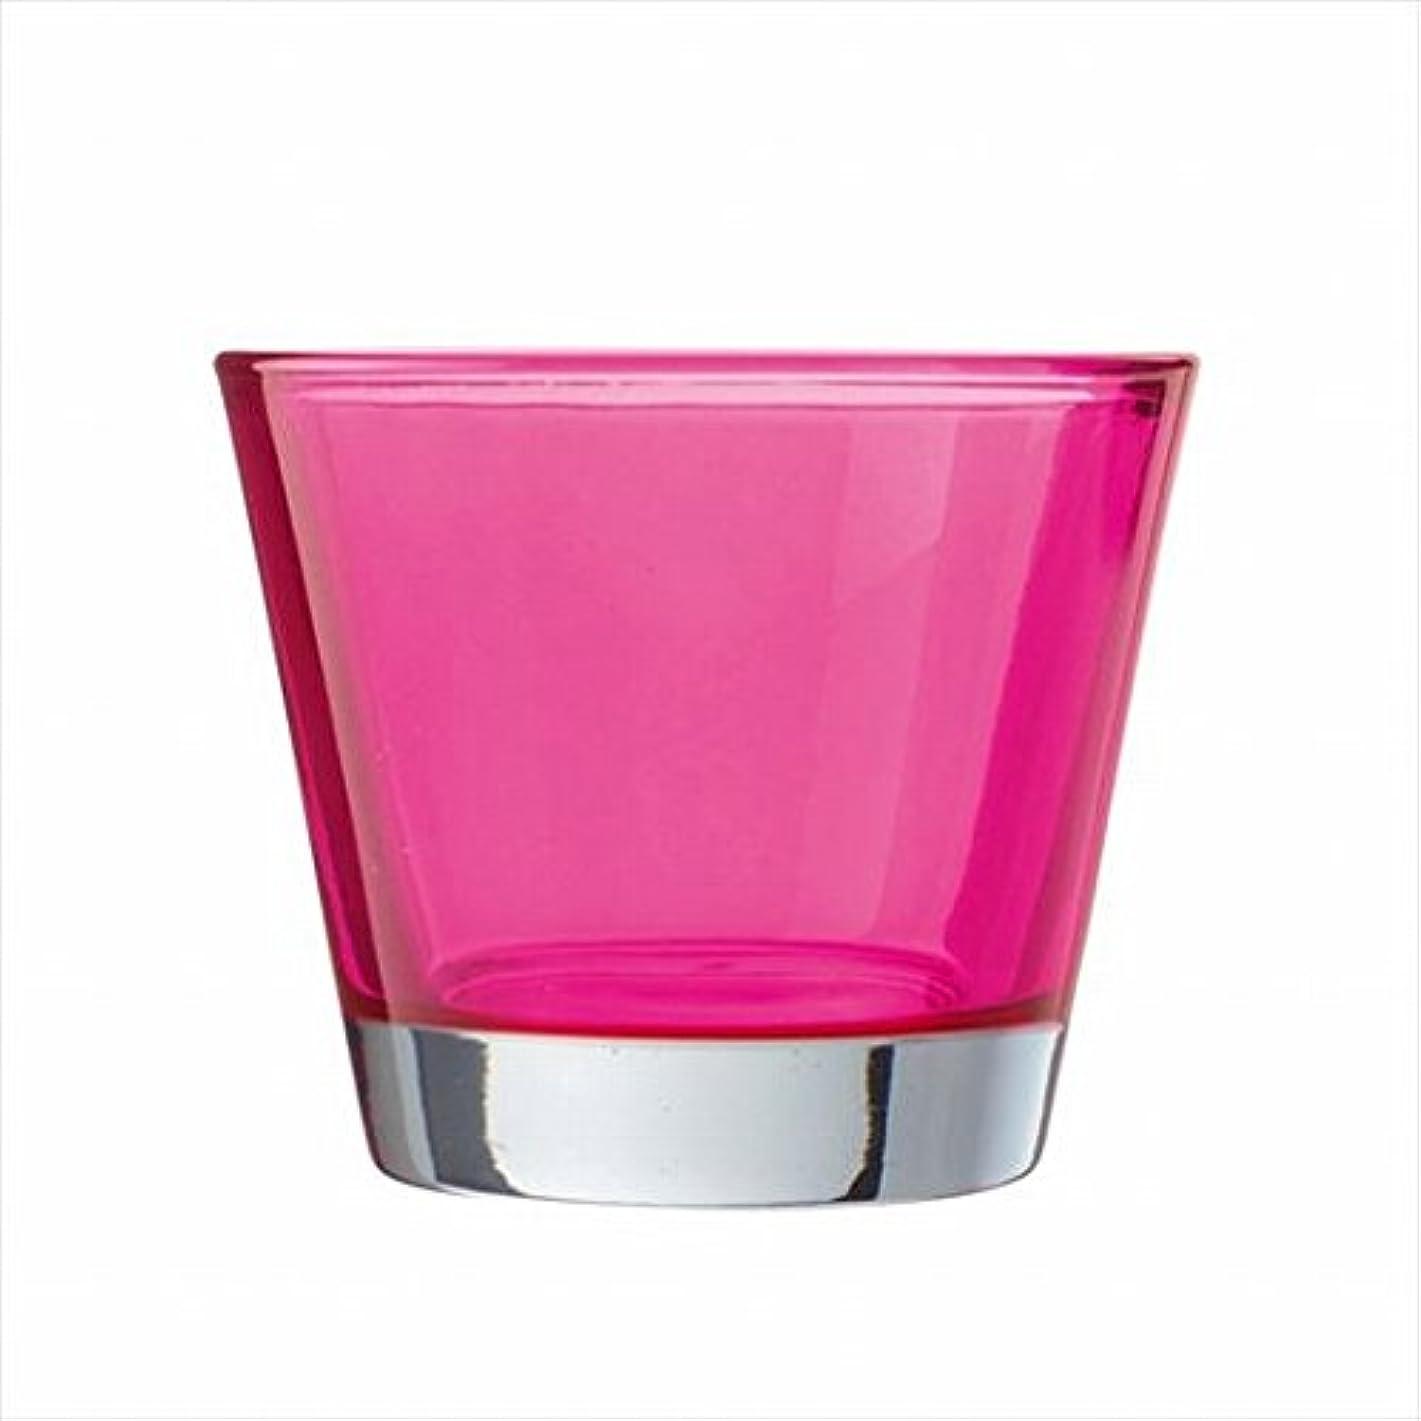 たぶんマリン疑わしいカメヤマキャンドル( kameyama candle ) カラリス 「 ピンク 」